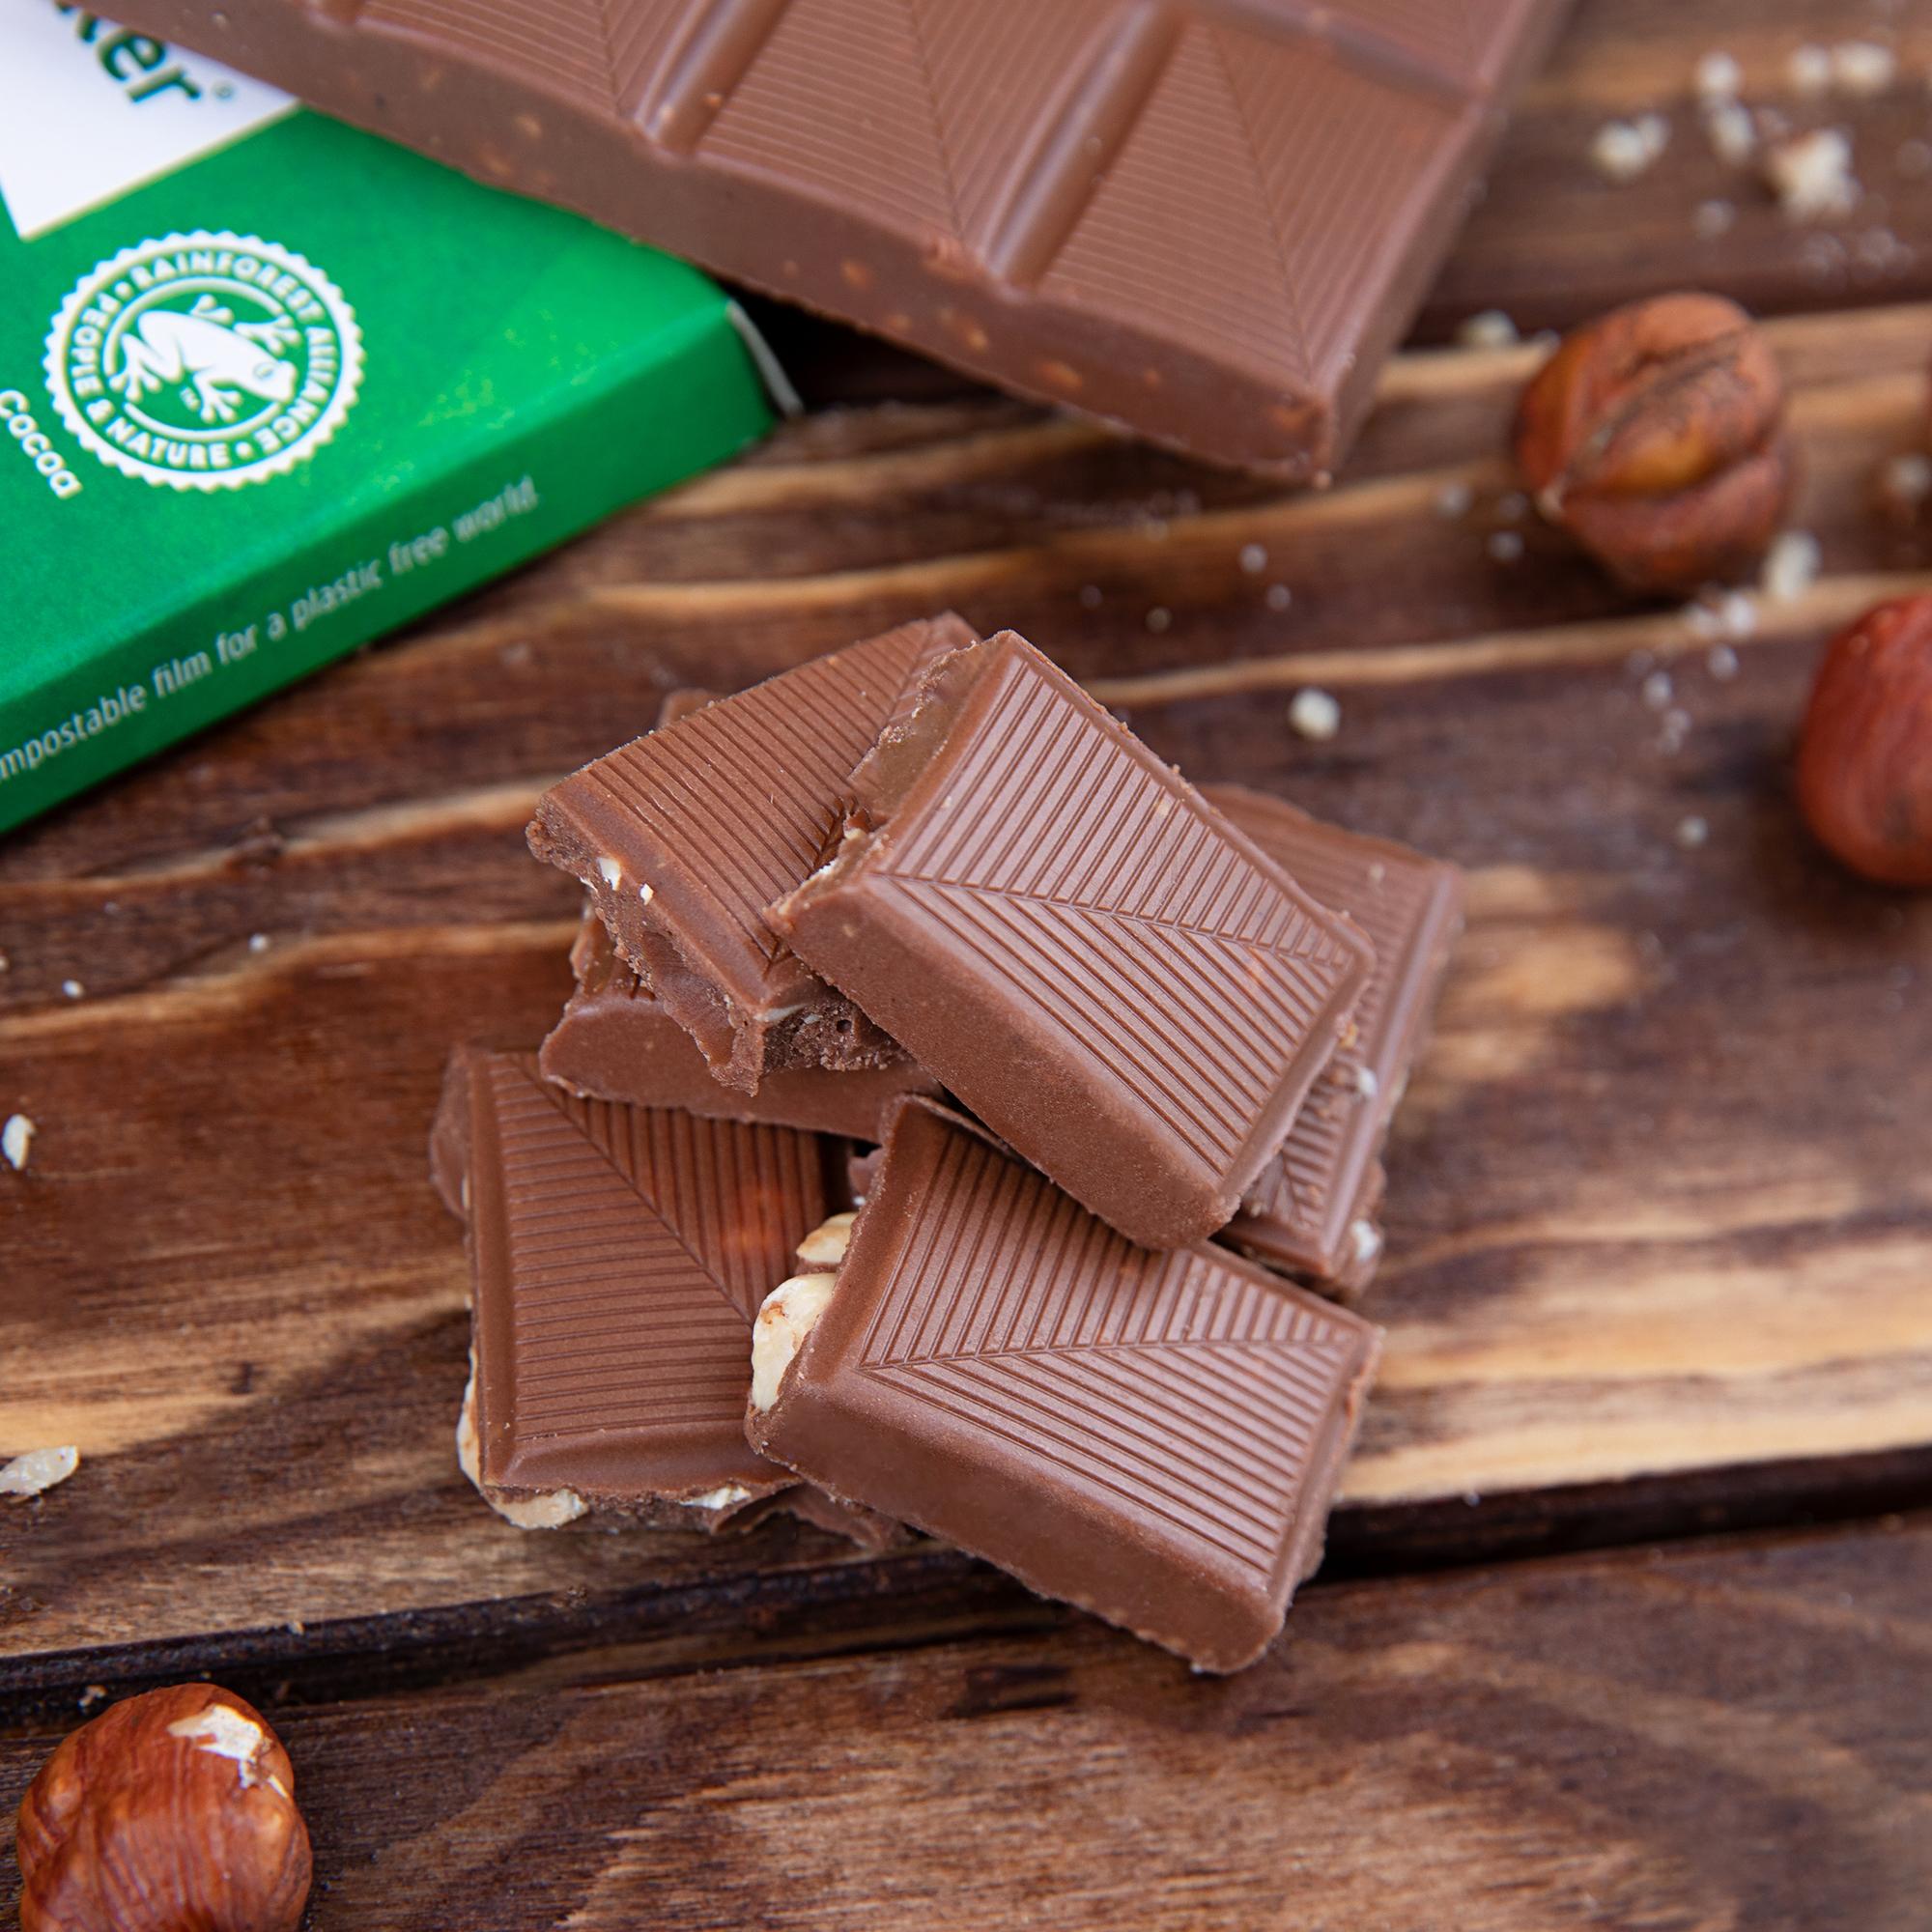 XUCKER Haselnuss-Schokolade mit Xylit